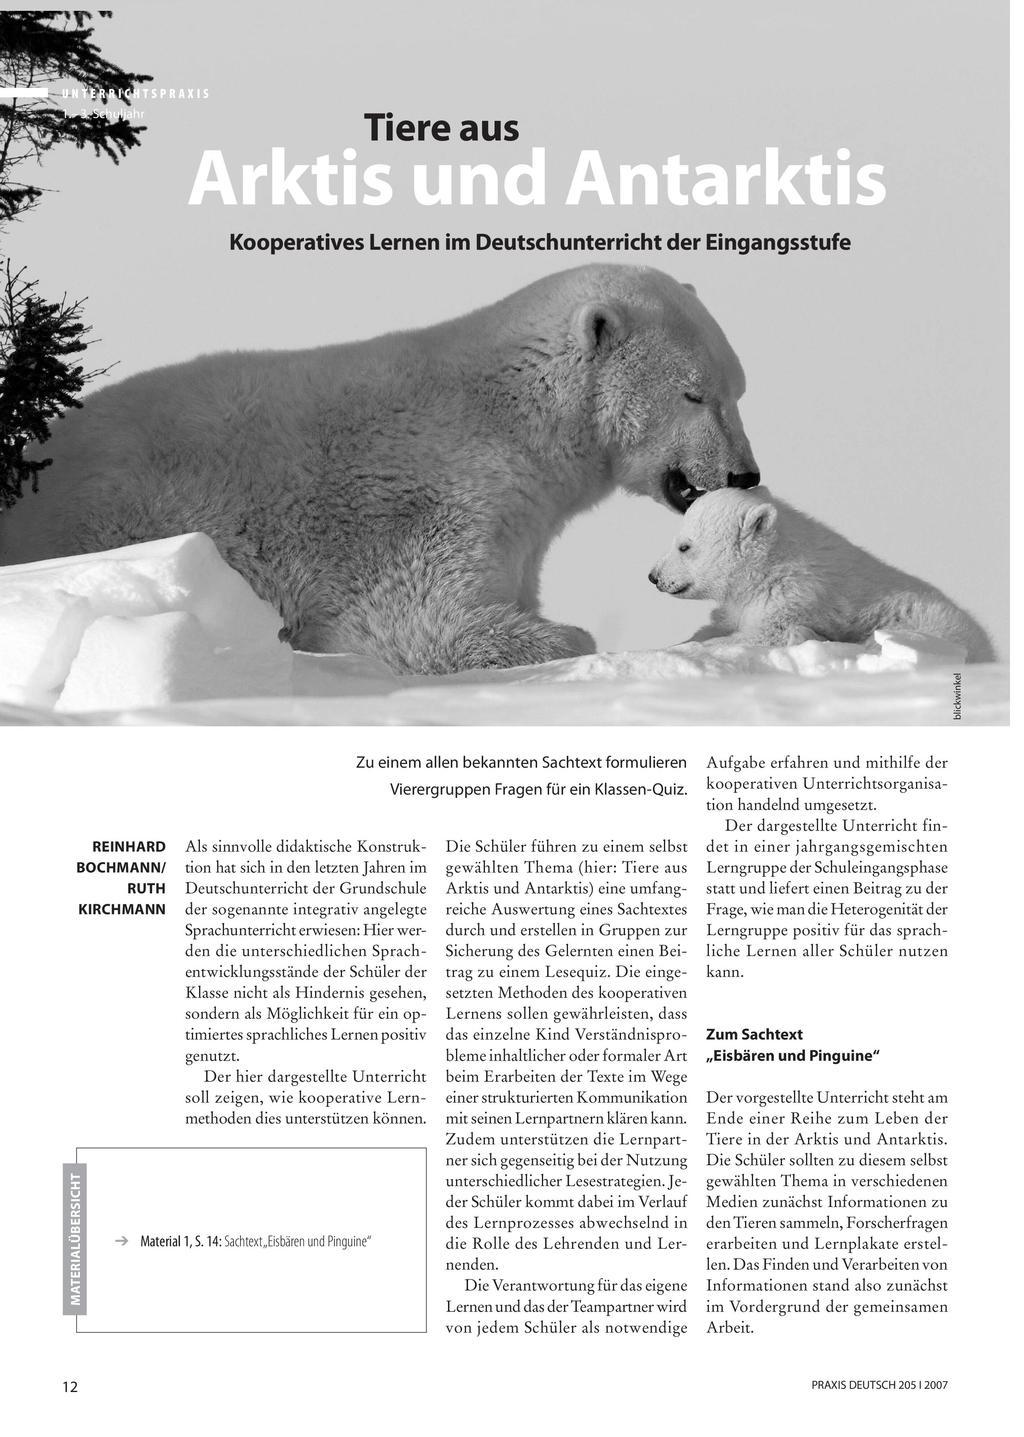 Tiere aus Arktis und Antarktis - Kooperatives Lernen im Deutschunterricht der Eingangsstufe Preview 1